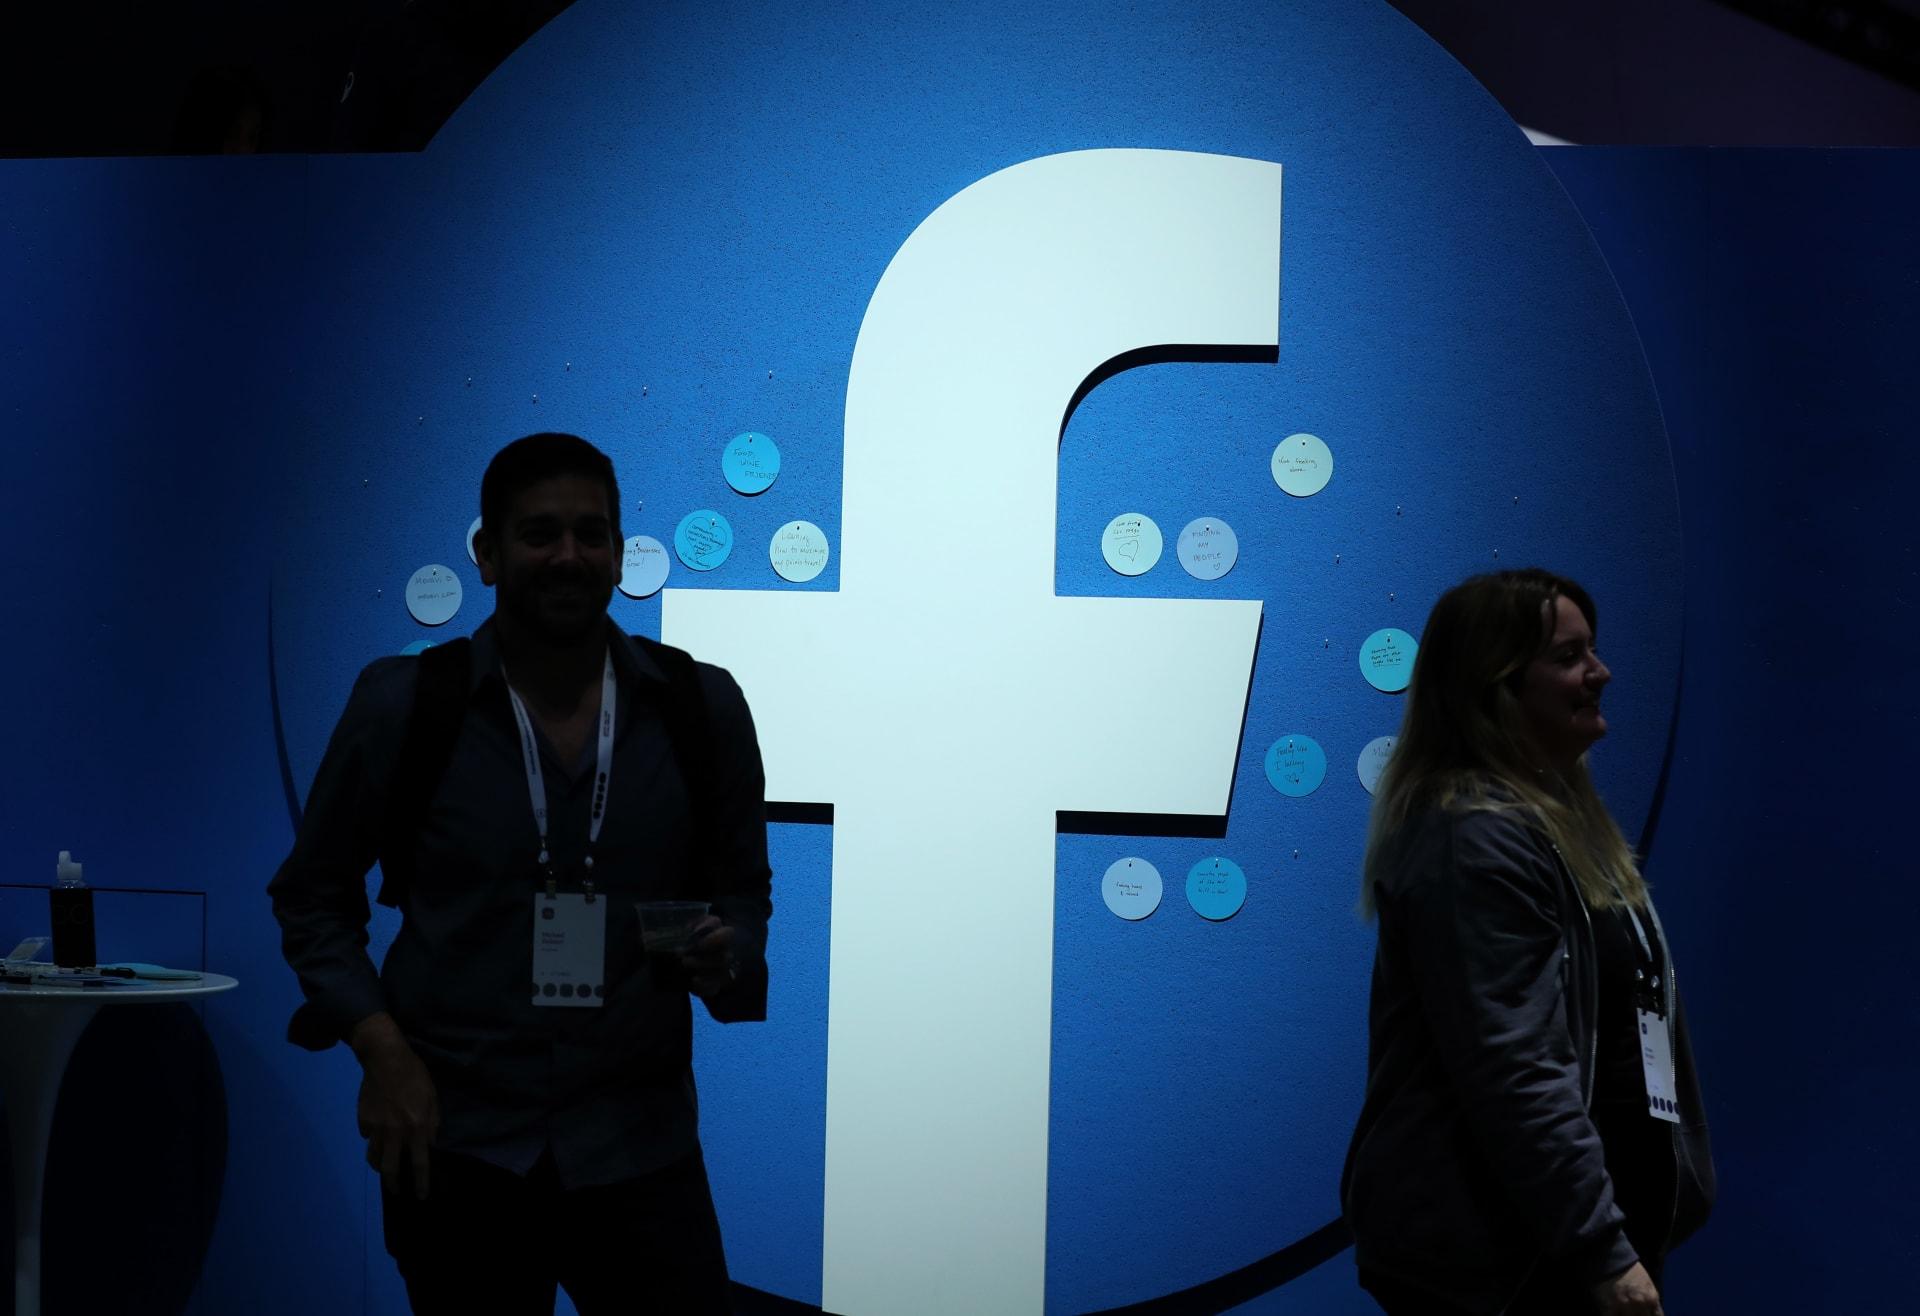 إدارة ترامب تقاضي فيسبوك بسبب مزاعم تفضيلها العمال الأجانب عن الأمريكيين